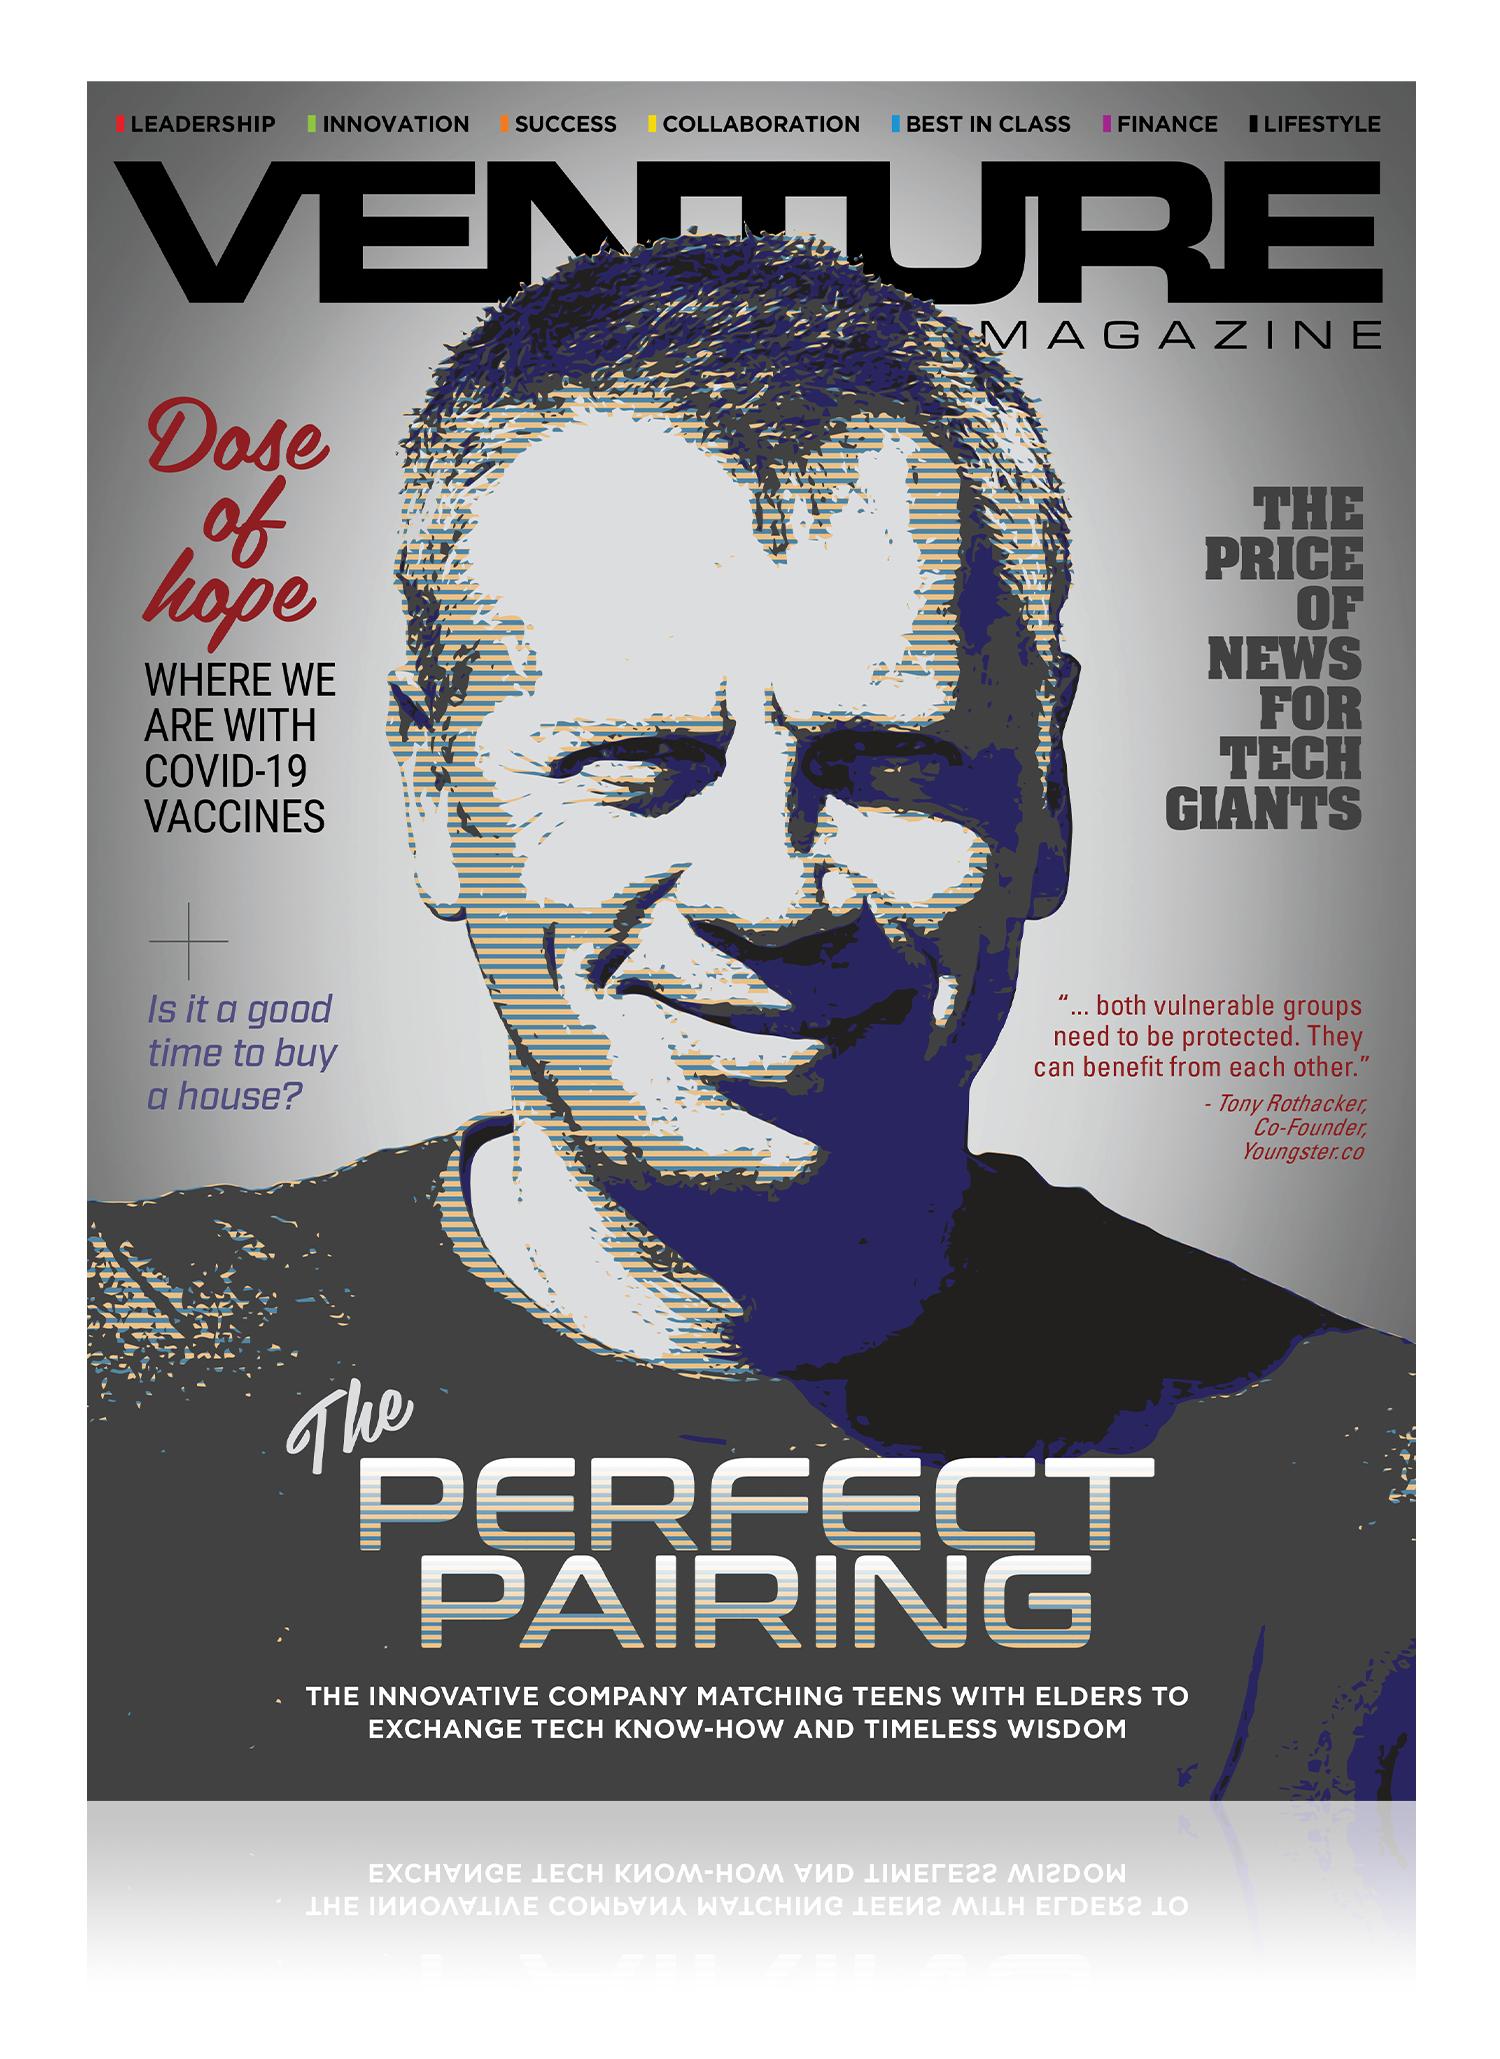 Venture Magazine July 2020 Issue